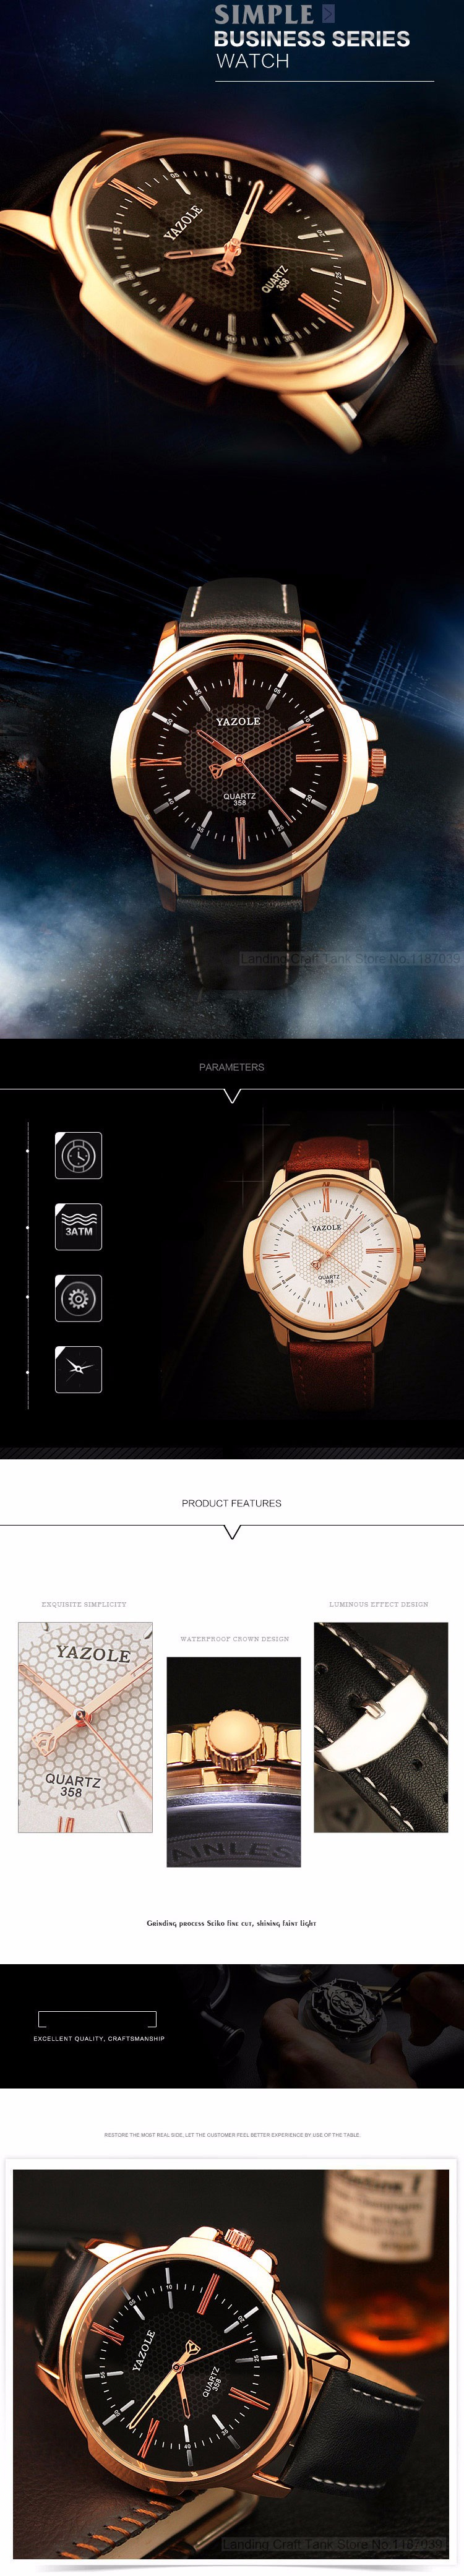 HTB1yrF2KFXXXXbWXFXXq6xXFXXXN - YAZOLE 2017 Rose Gold Luxury Watch for Men